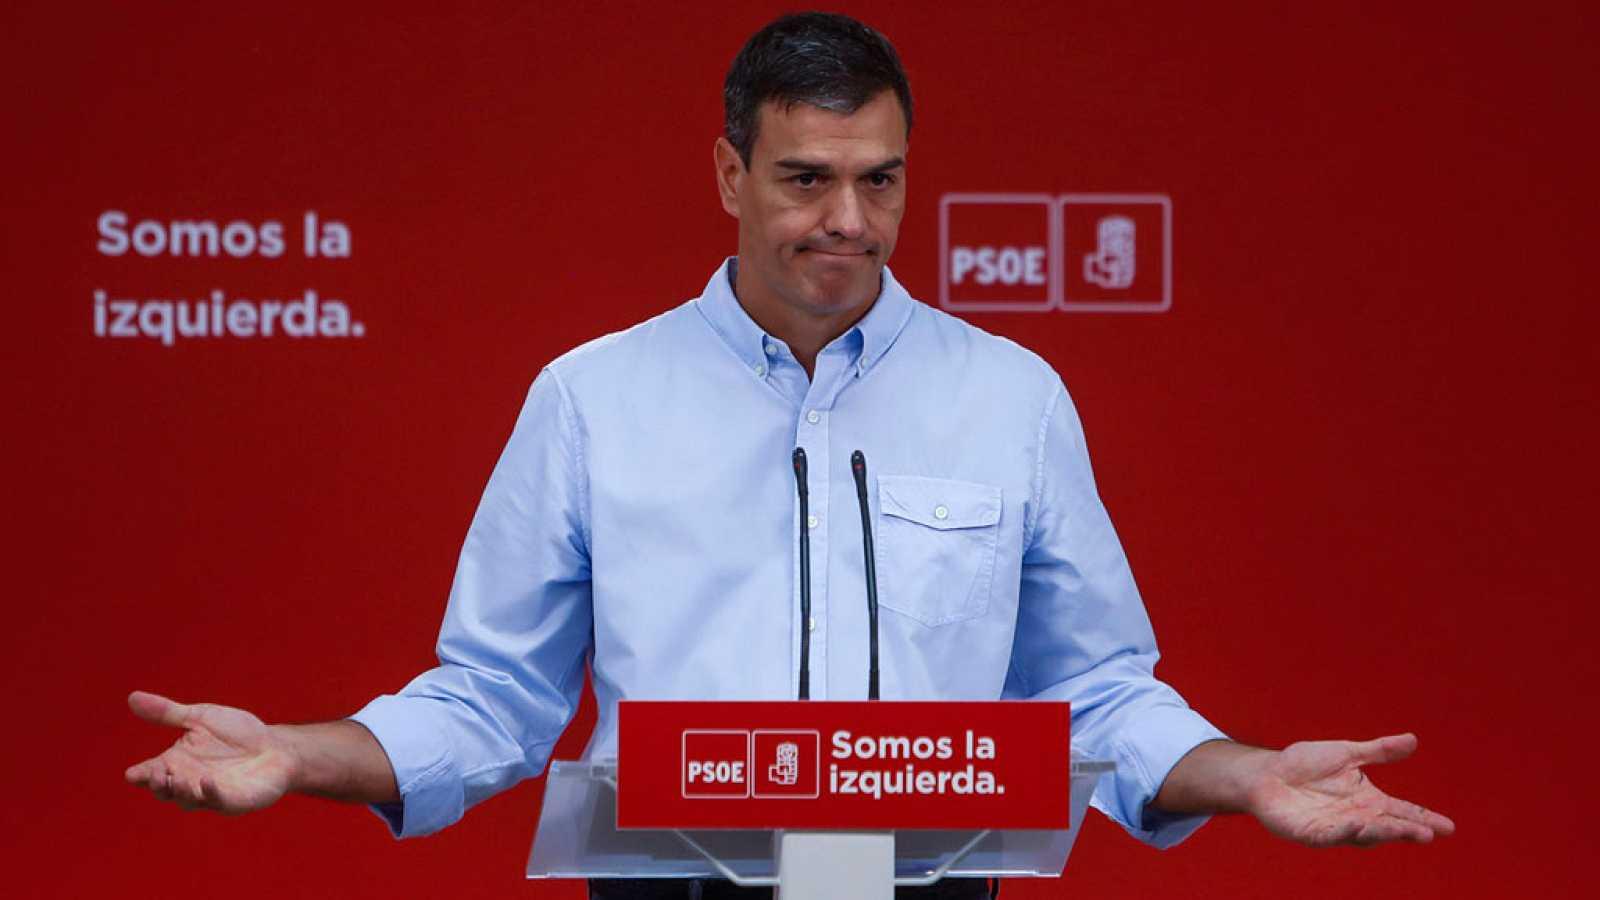 Pedro Sánchez ha vuelto a manifestar su apoyo al Gobierno en el desafío independentista